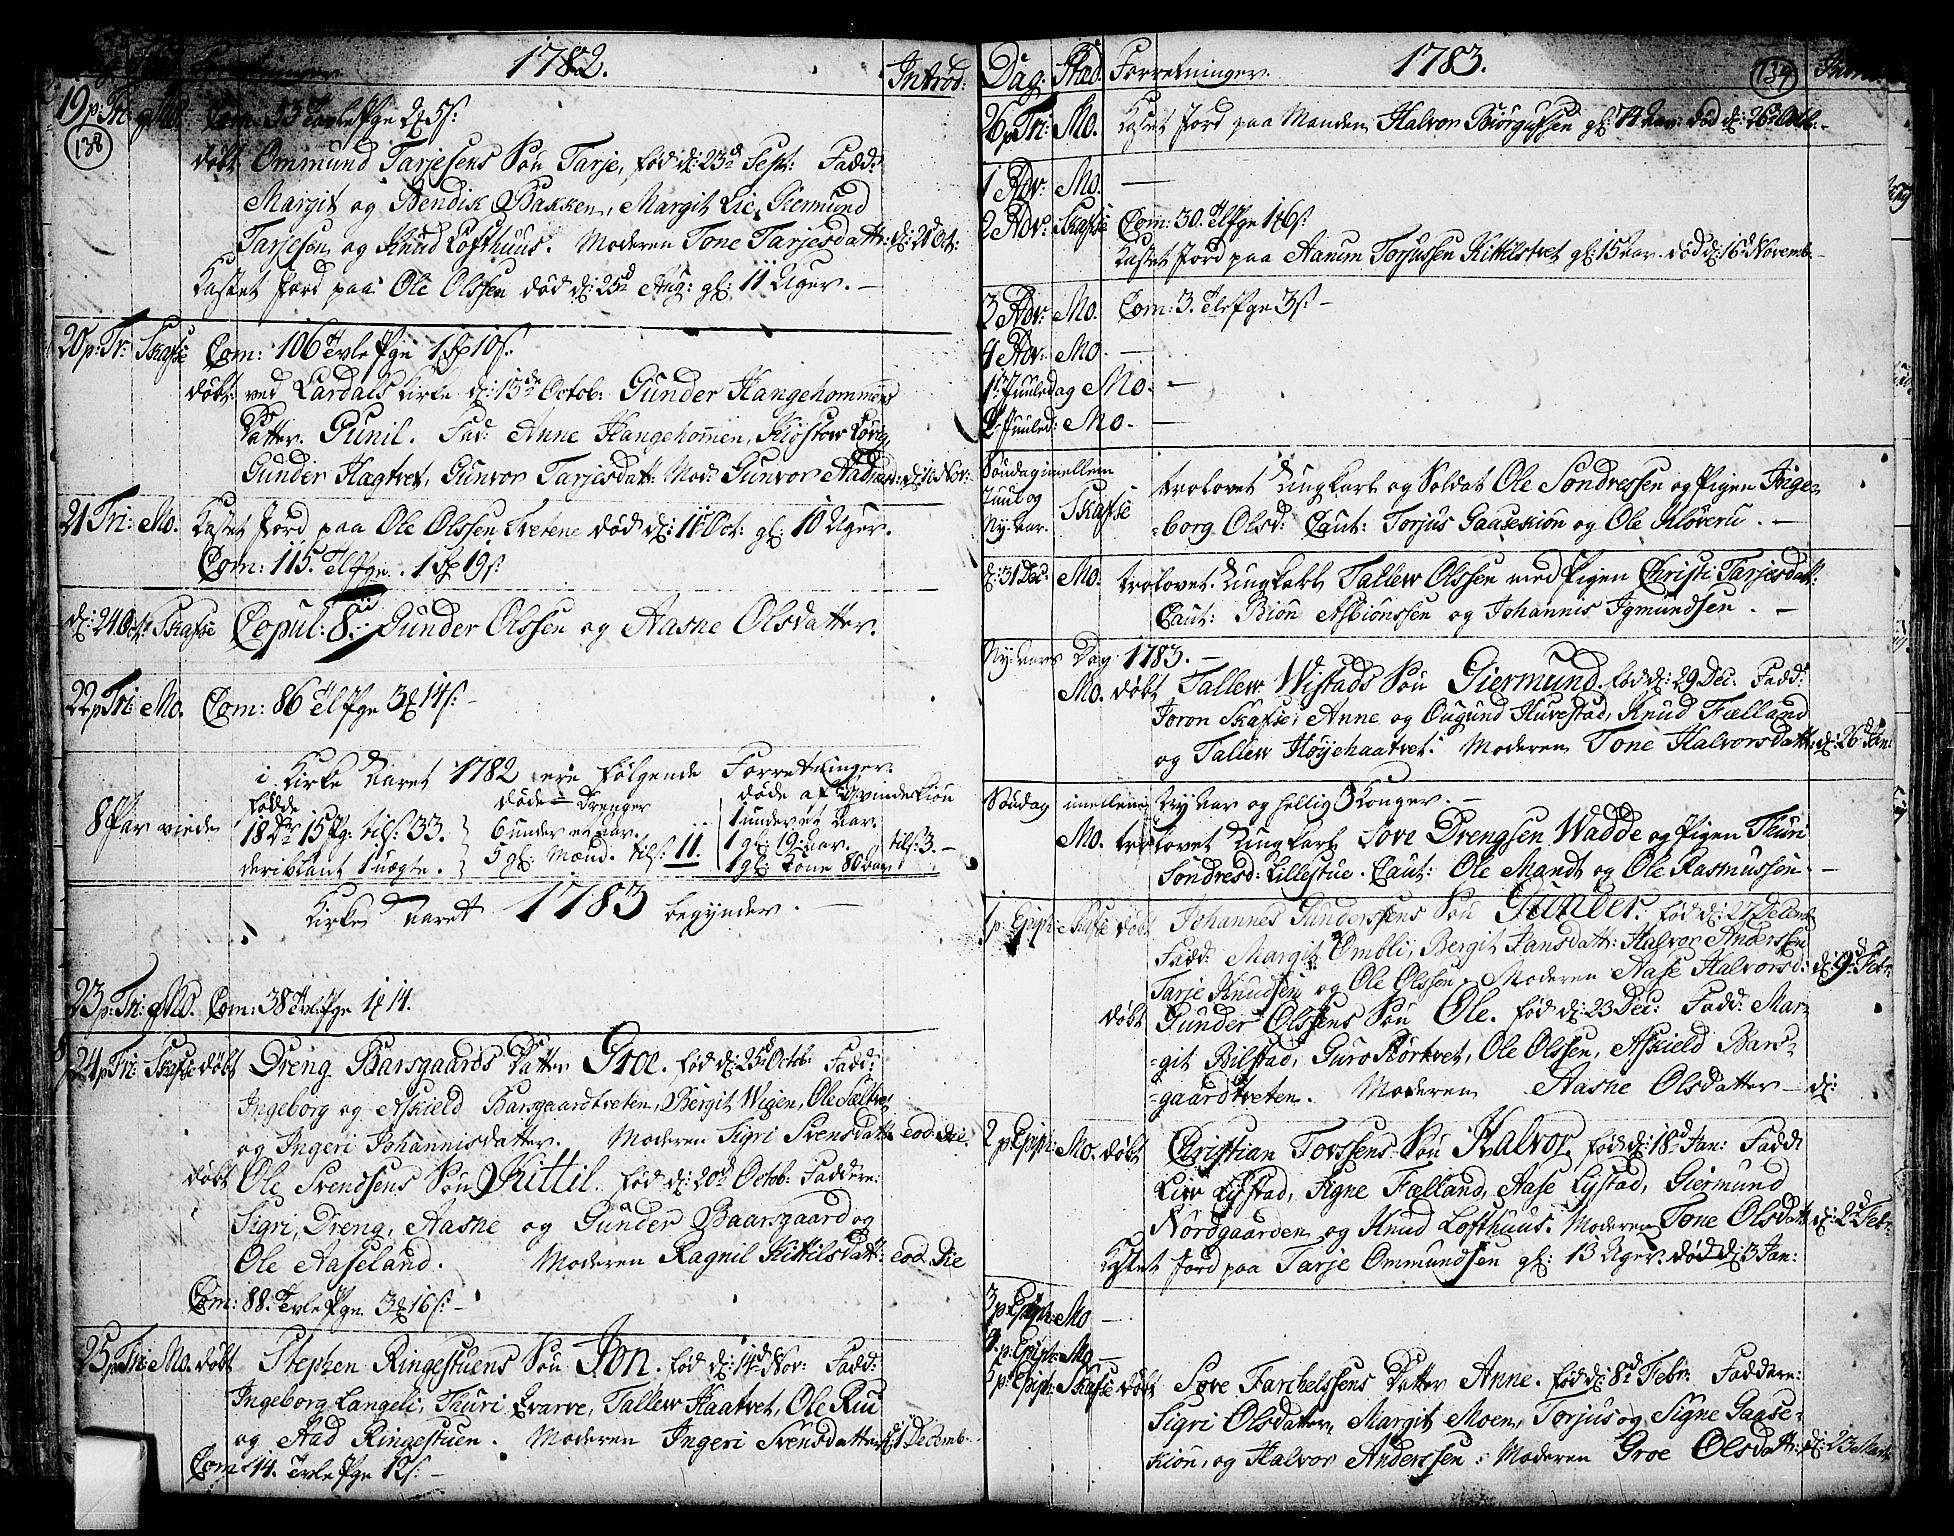 SAKO, Mo kirkebøker, F/Fa/L0002: Ministerialbok nr. I 2, 1766-1799, s. 138-139